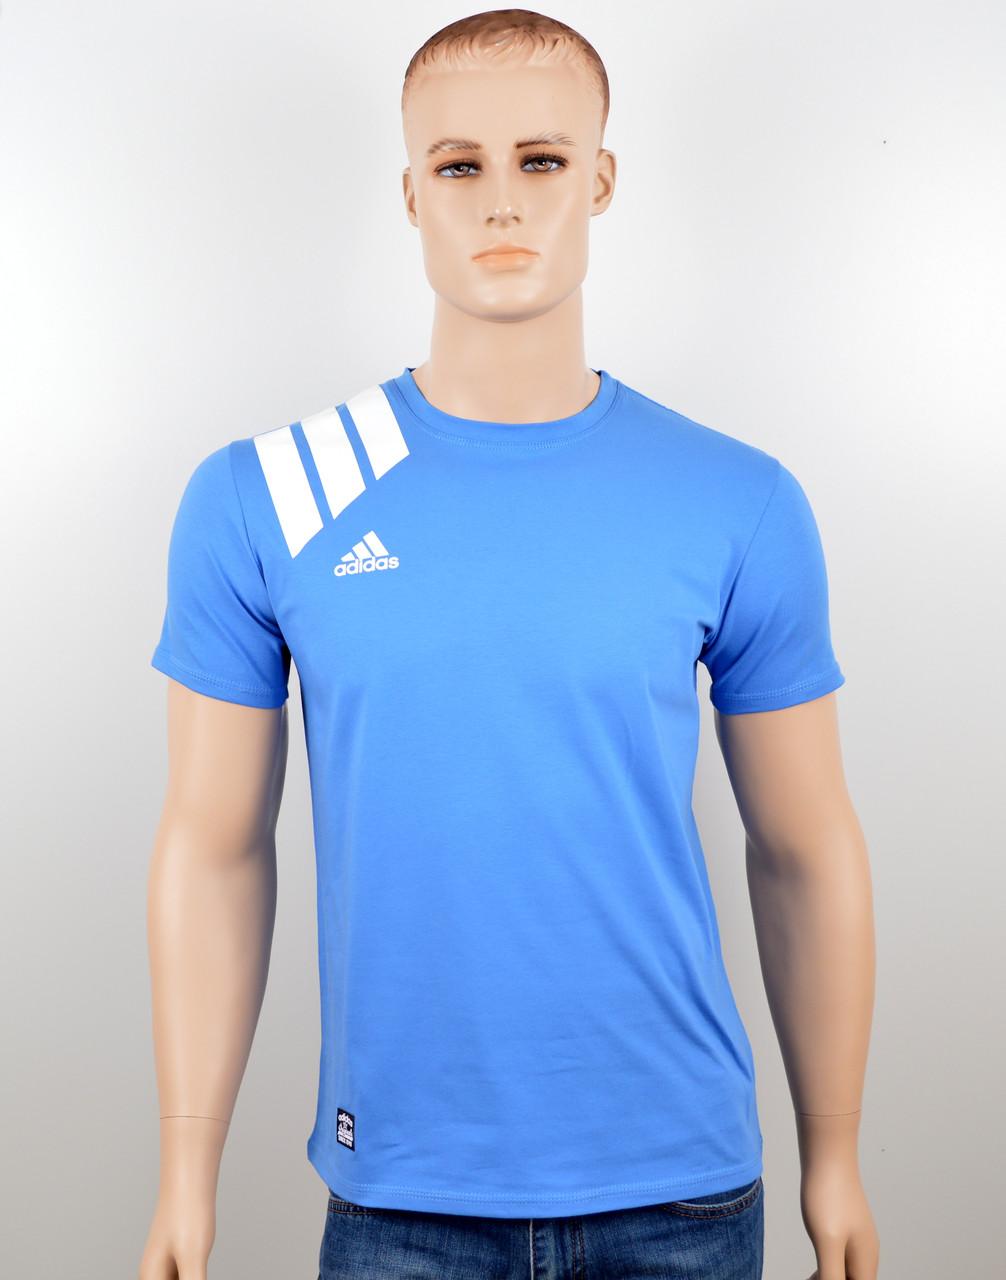 """Мужская футболка """"Adidas 18021"""" св.синий"""